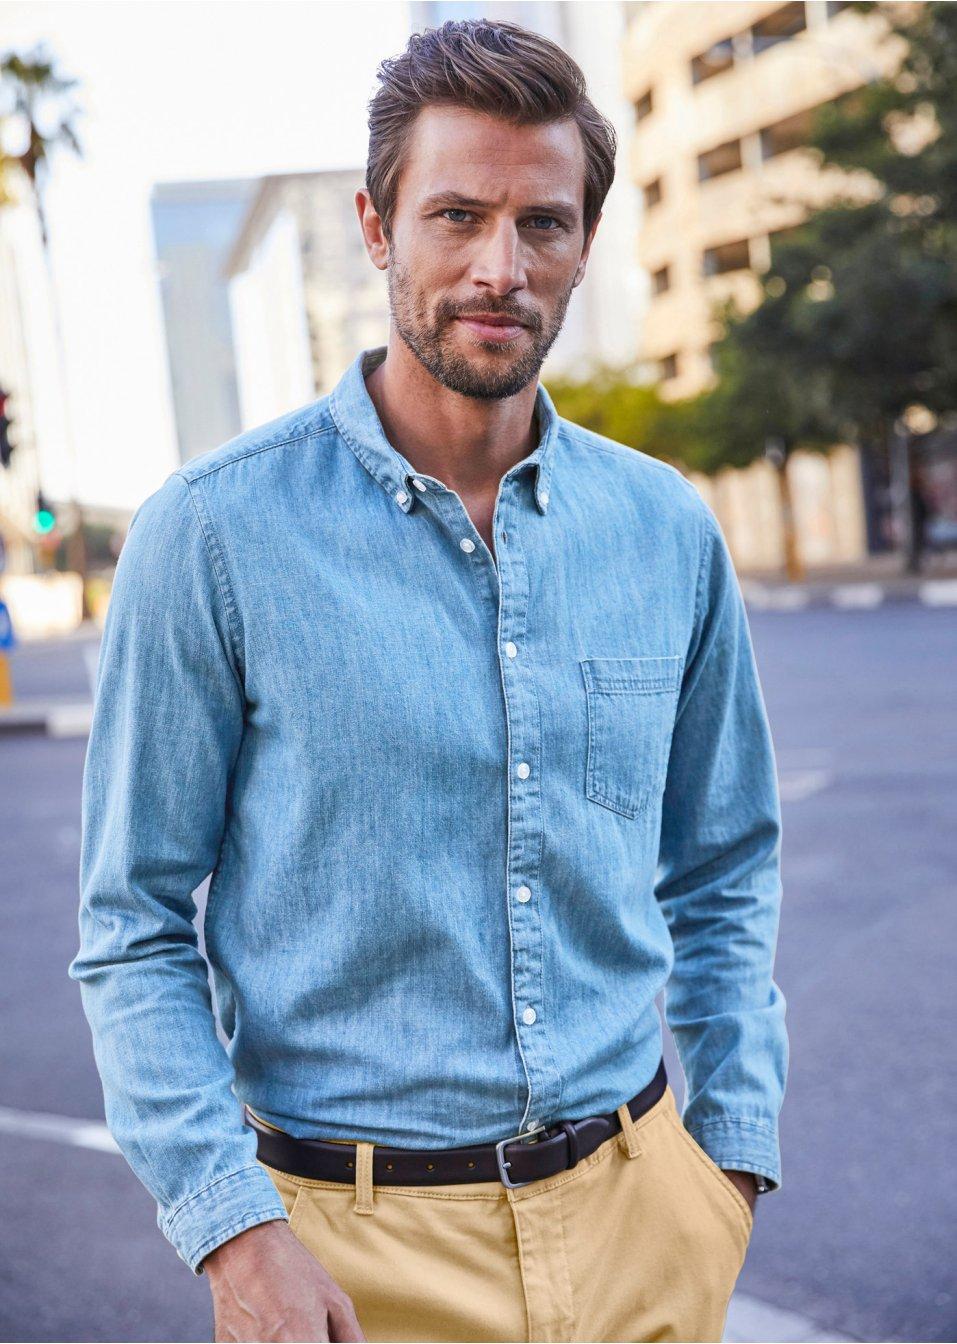 b98b56c638 Camicia di jeans a manica lunga slim fit